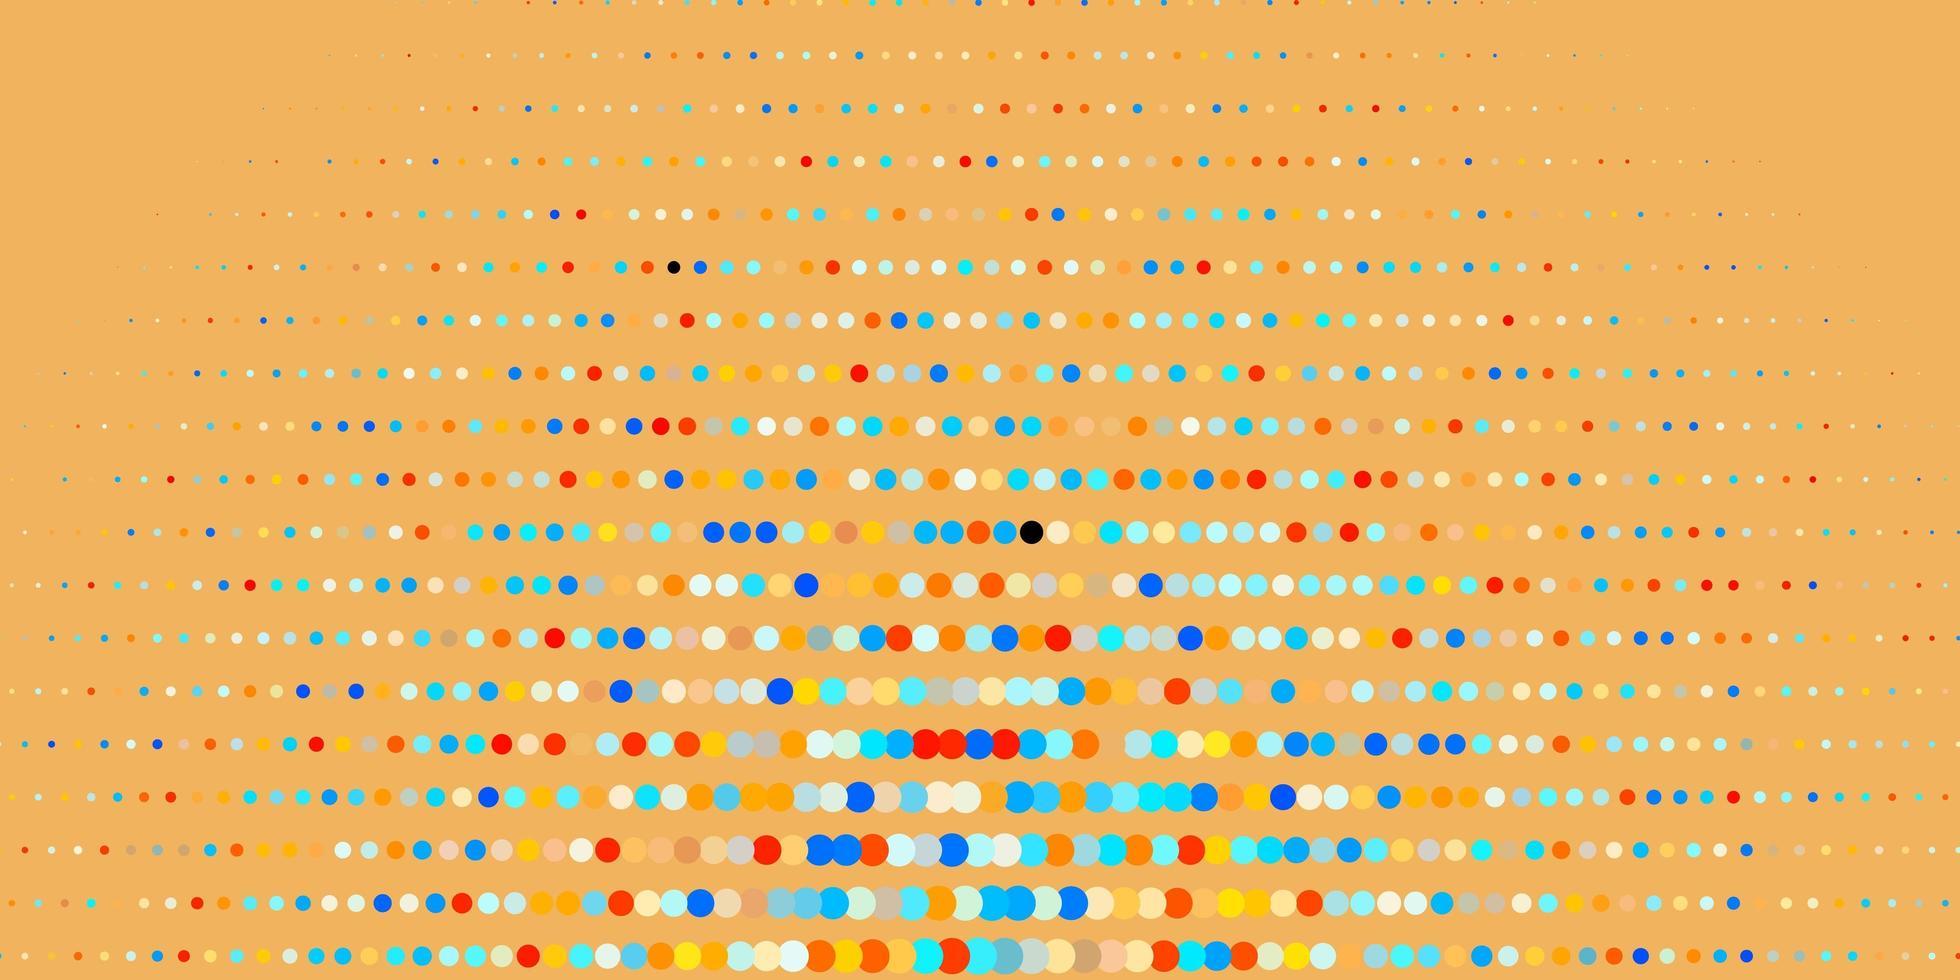 Fondo de vector azul oscuro, amarillo con puntos.